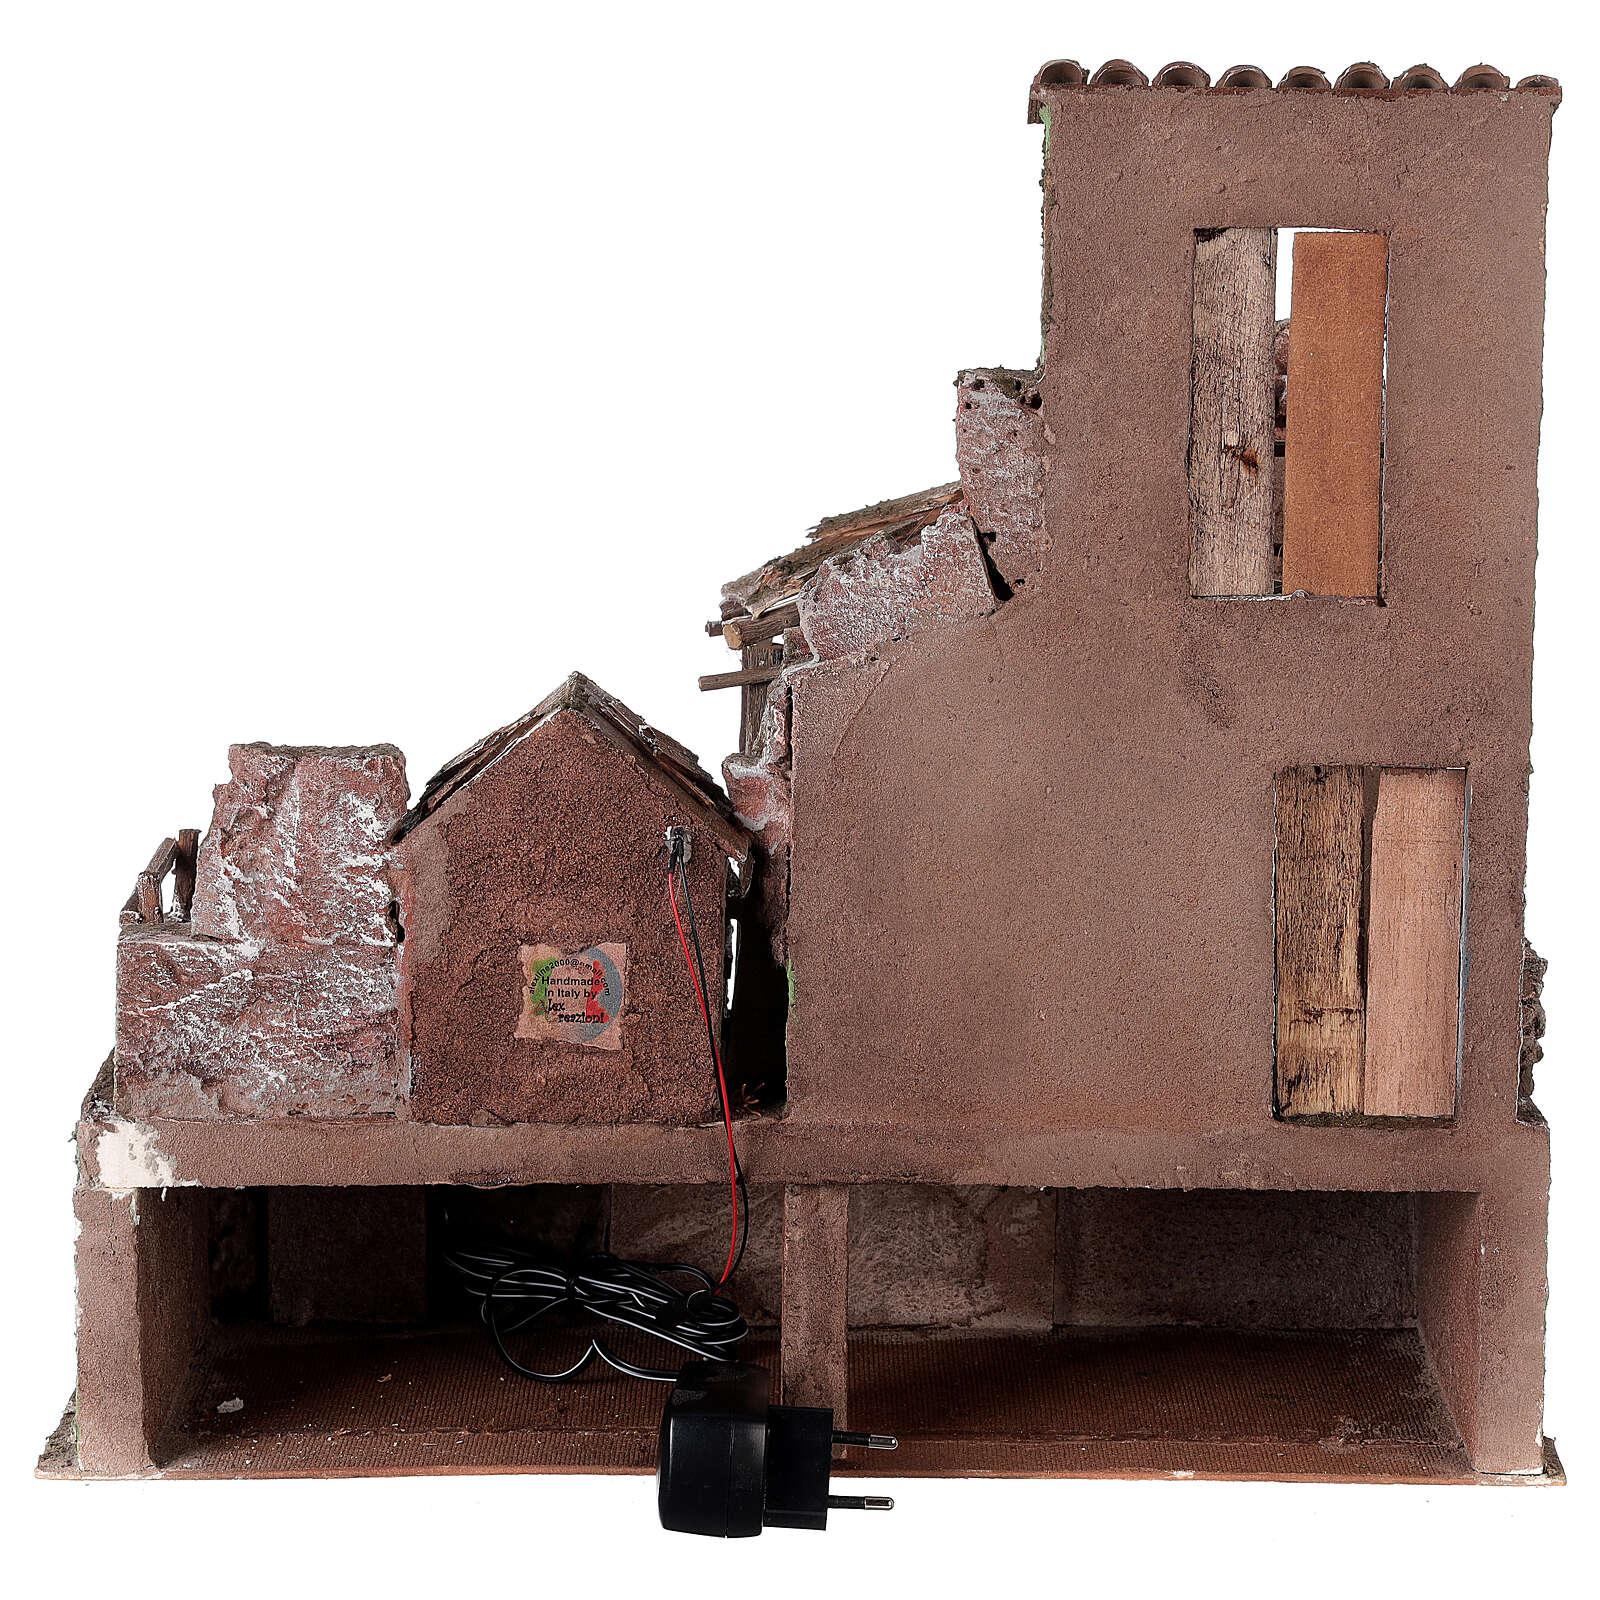 Borgo presepe illuminato con stalla 45x50x40 per statue 10 cm 4